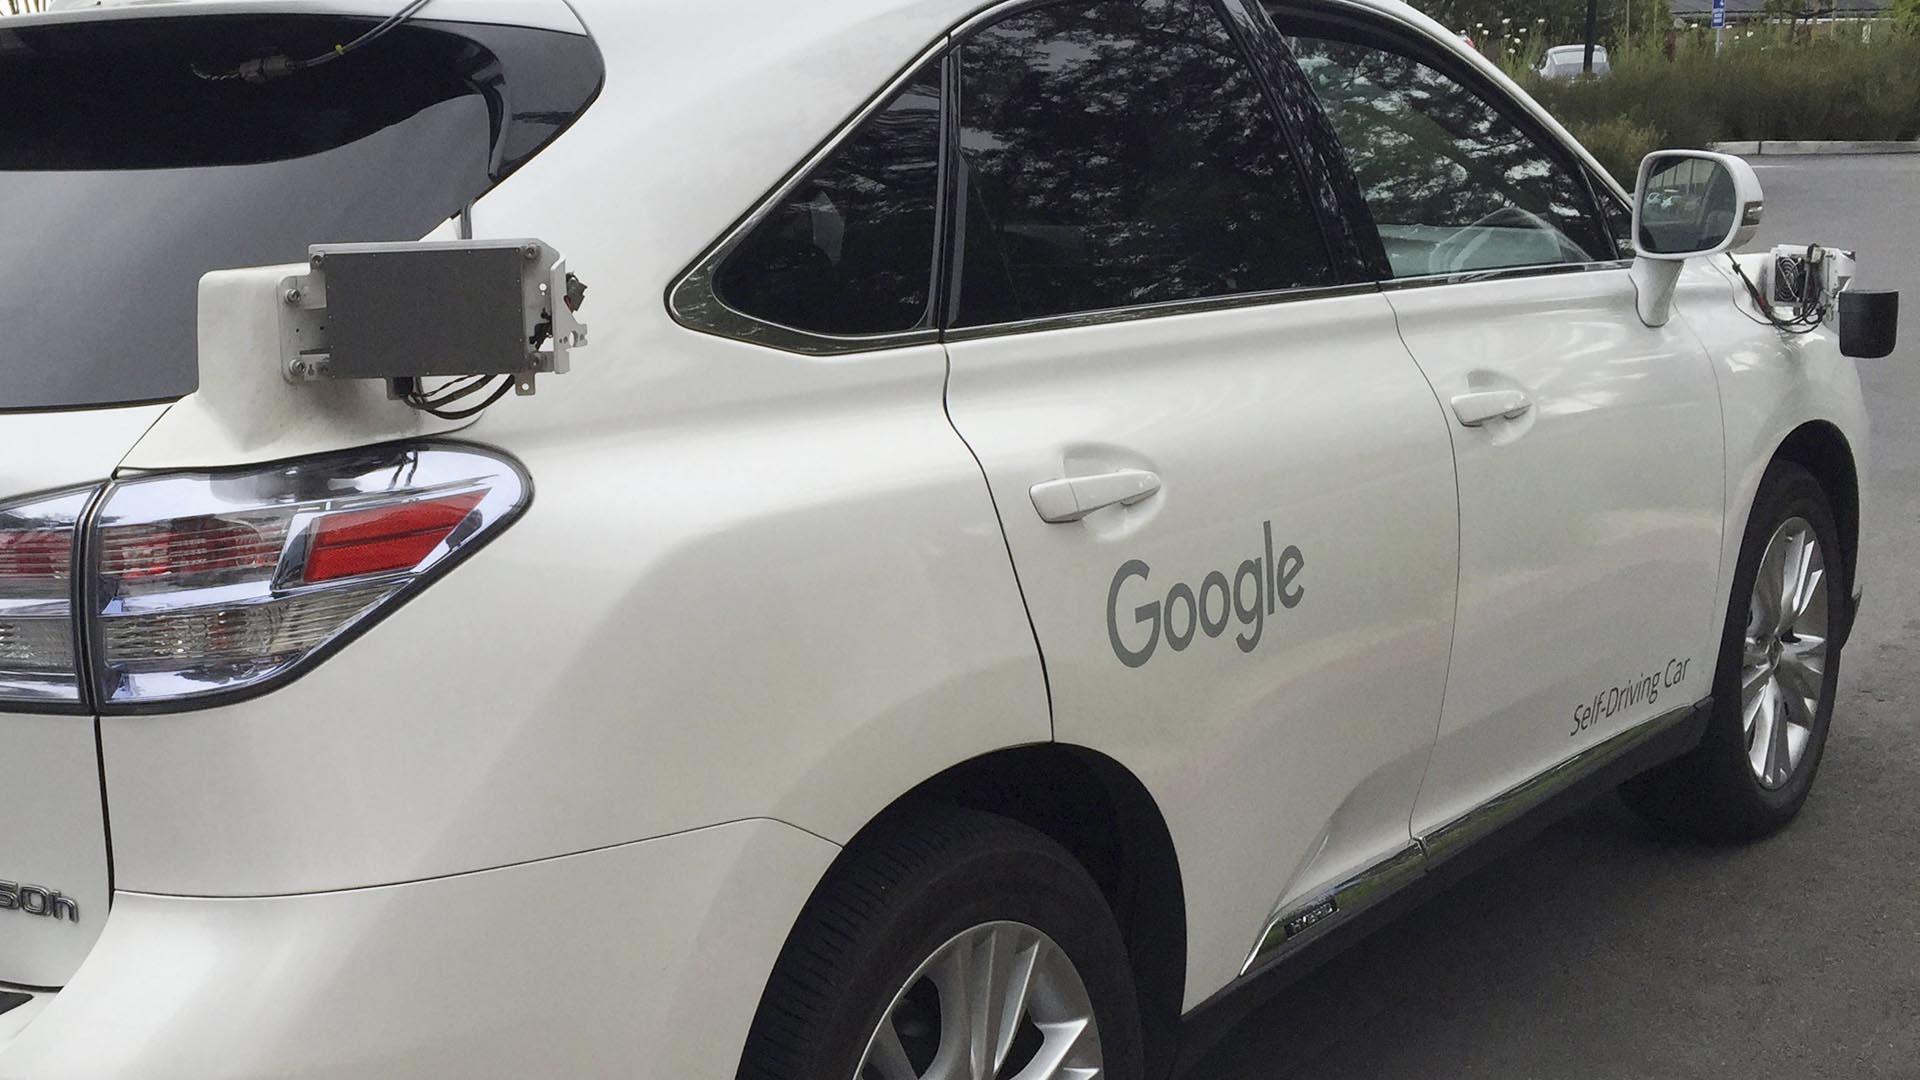 El objetivo de esta patente es disminuir el impacto a la hora de un arrollamiento en sus carros autónomos